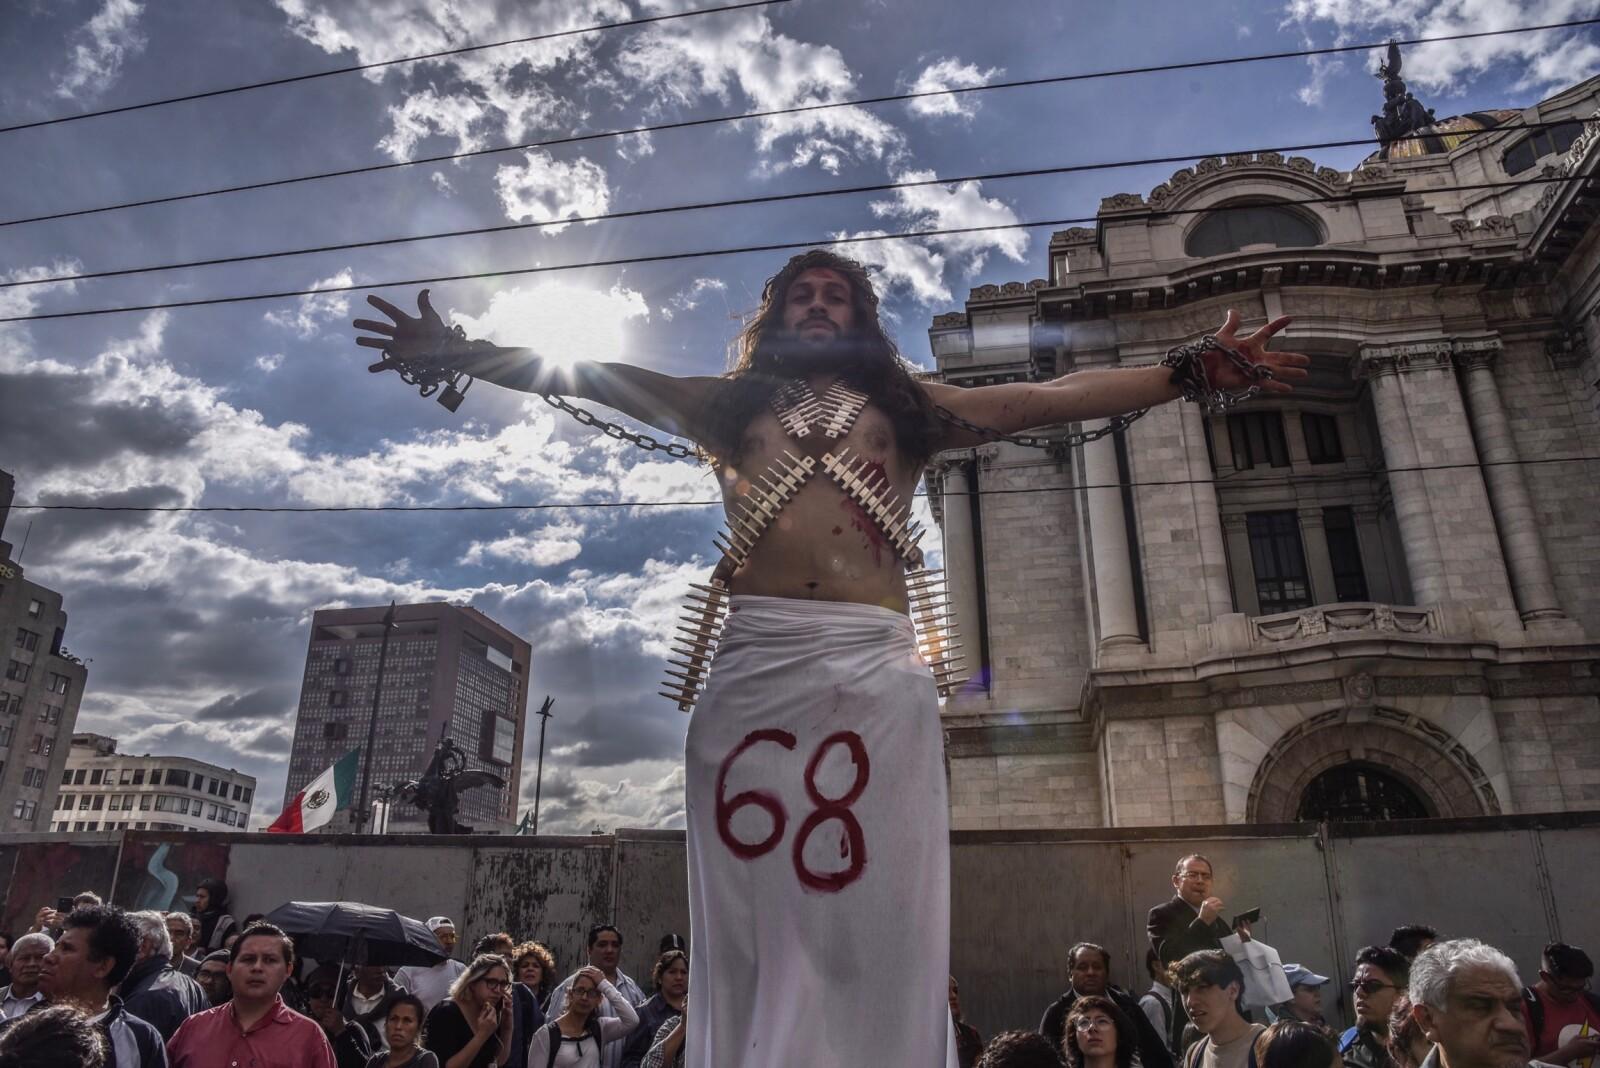 Cristo del 68